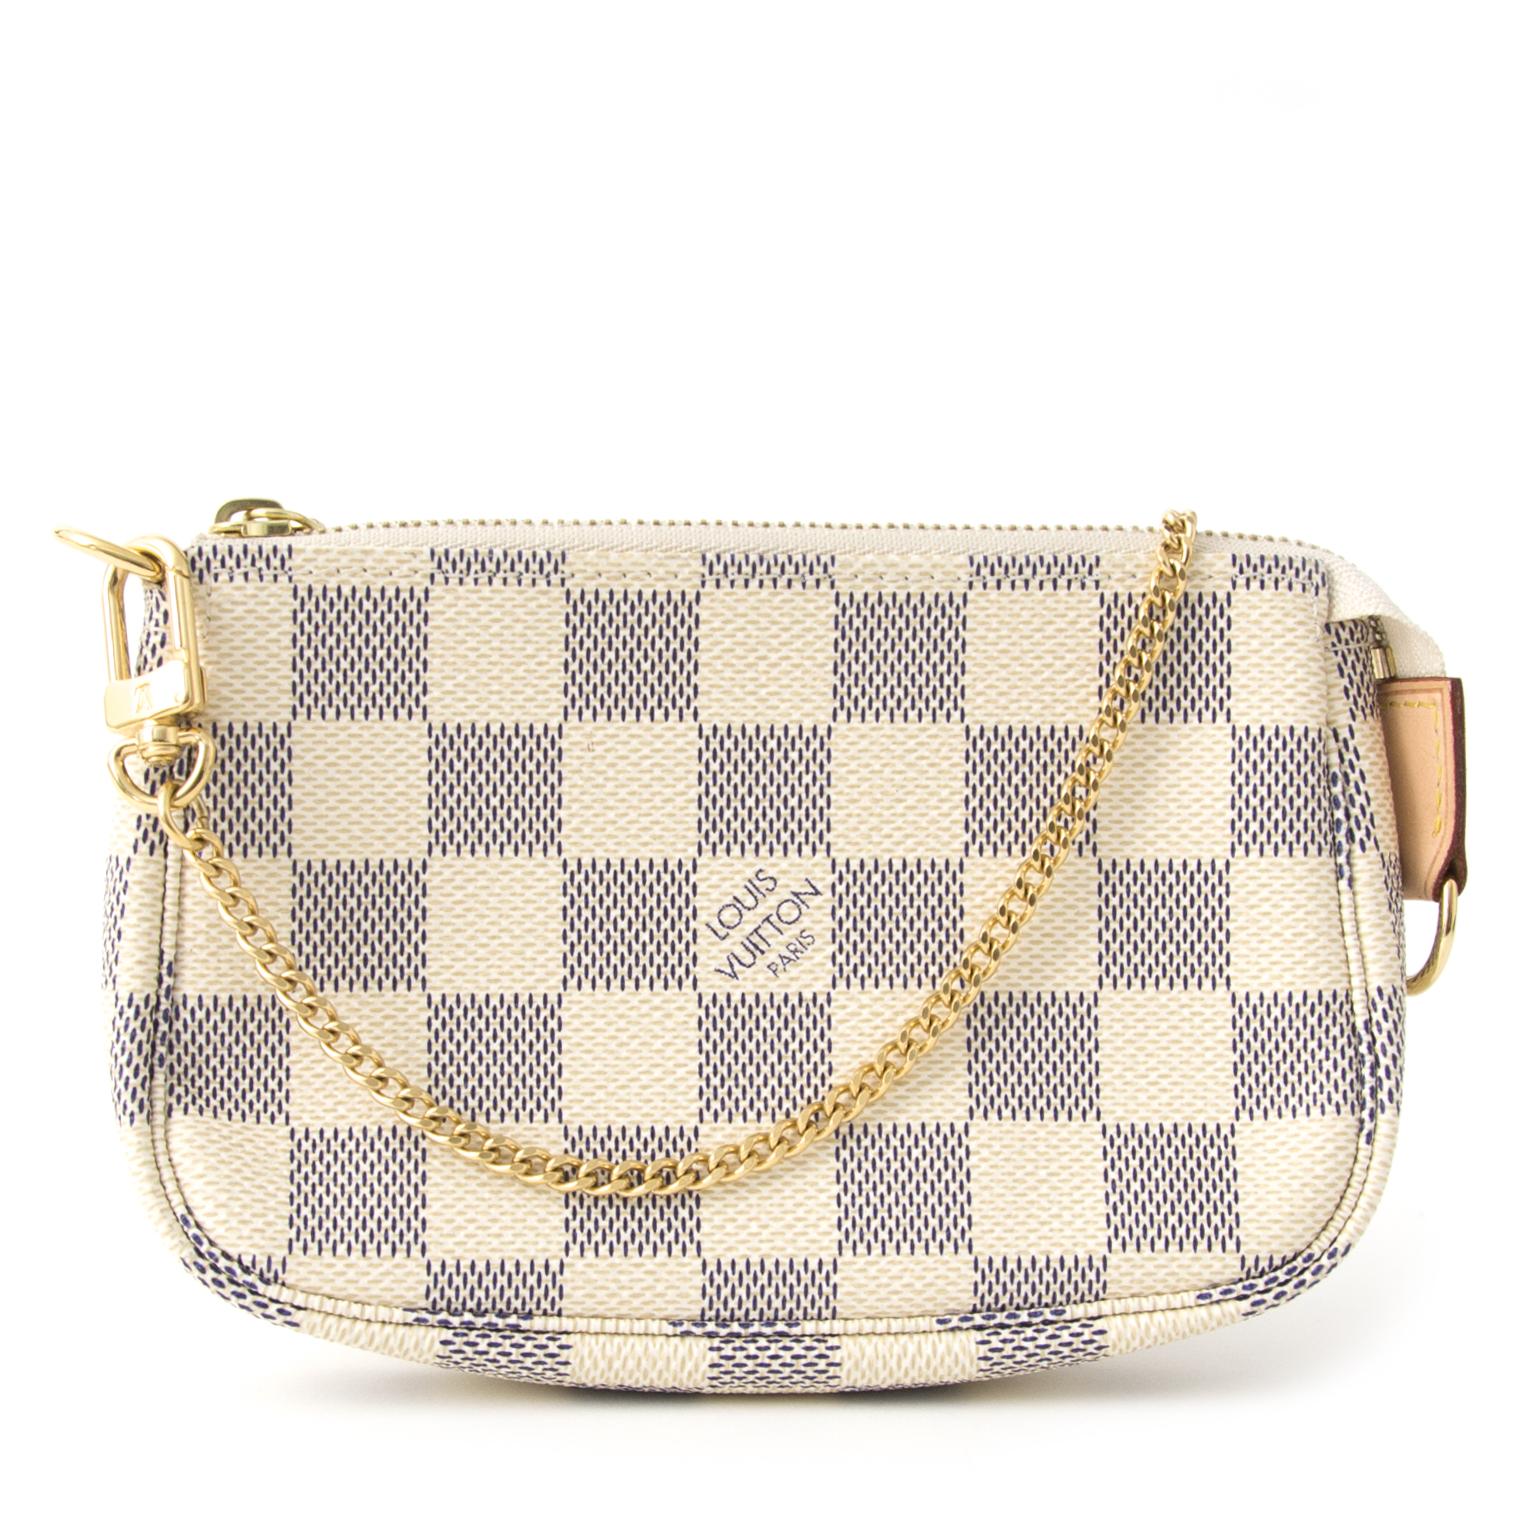 ... acheter en ligne seconde main Louis Vuitton Mini Pochette Damier Azur  comme neuf site en ligne a2d4b83d25920